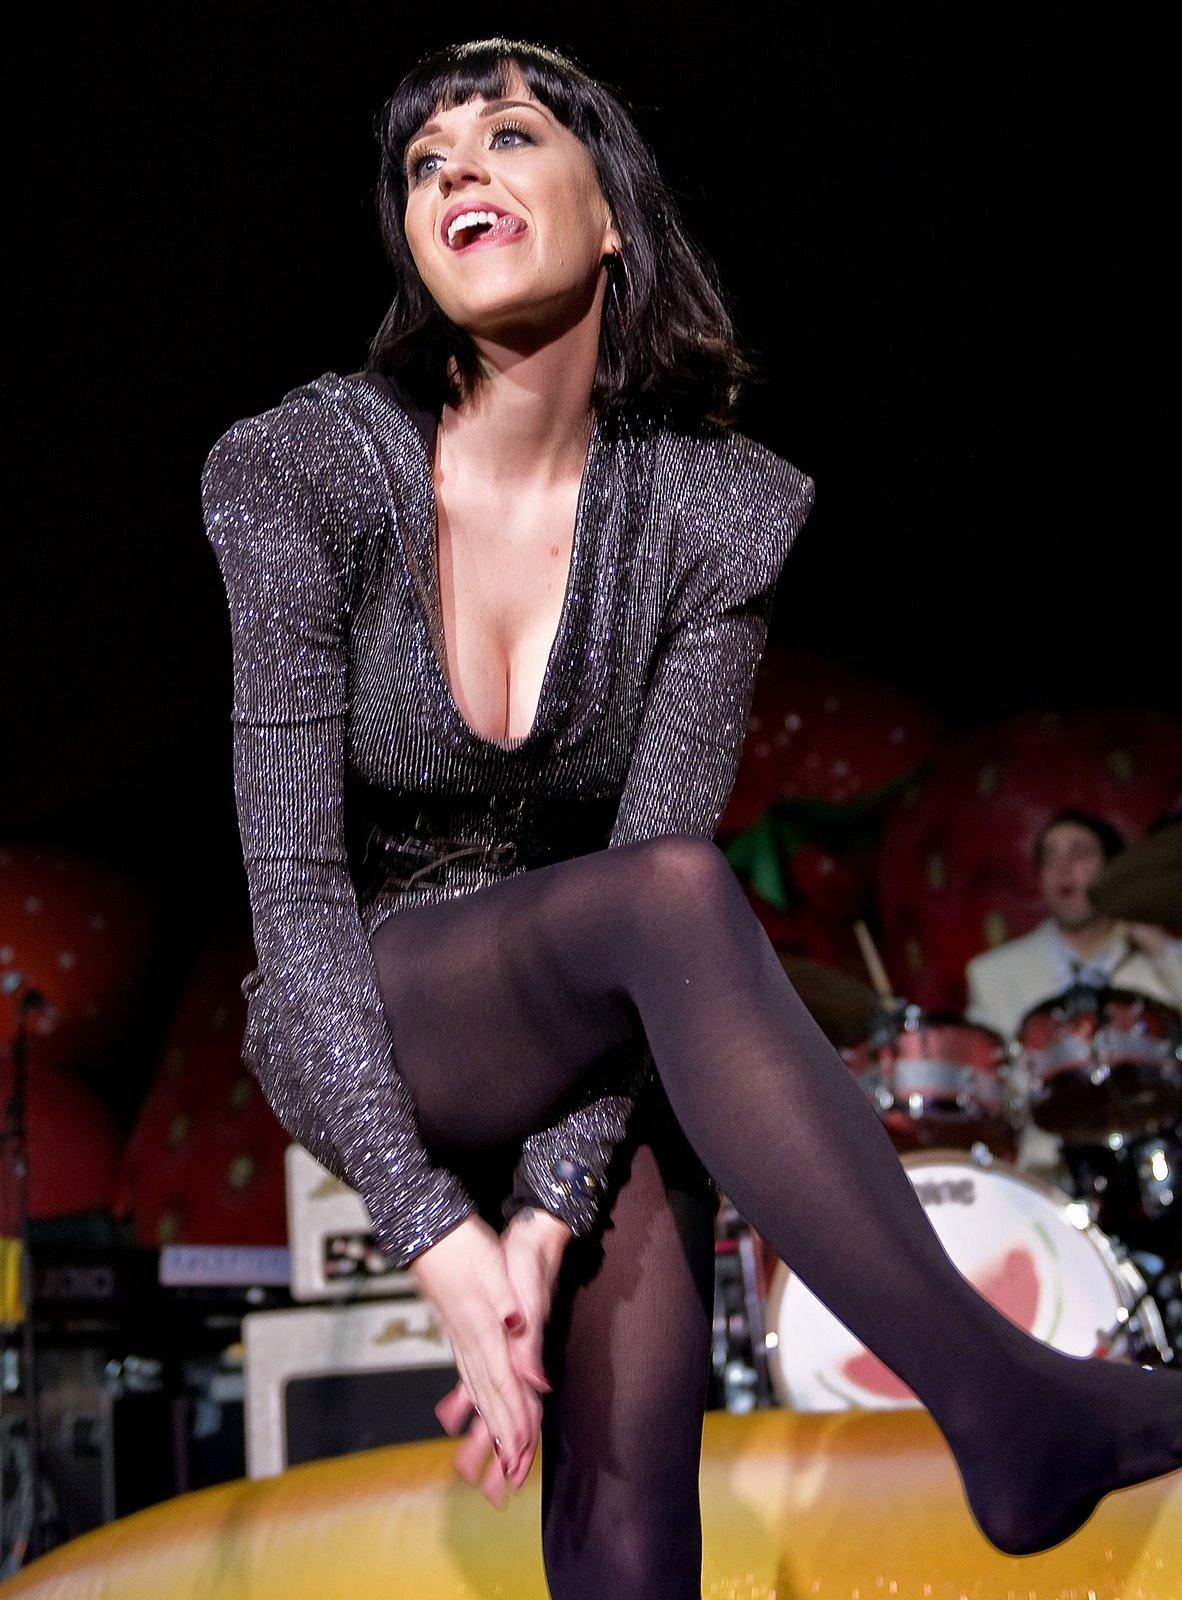 Katy perry hot feet